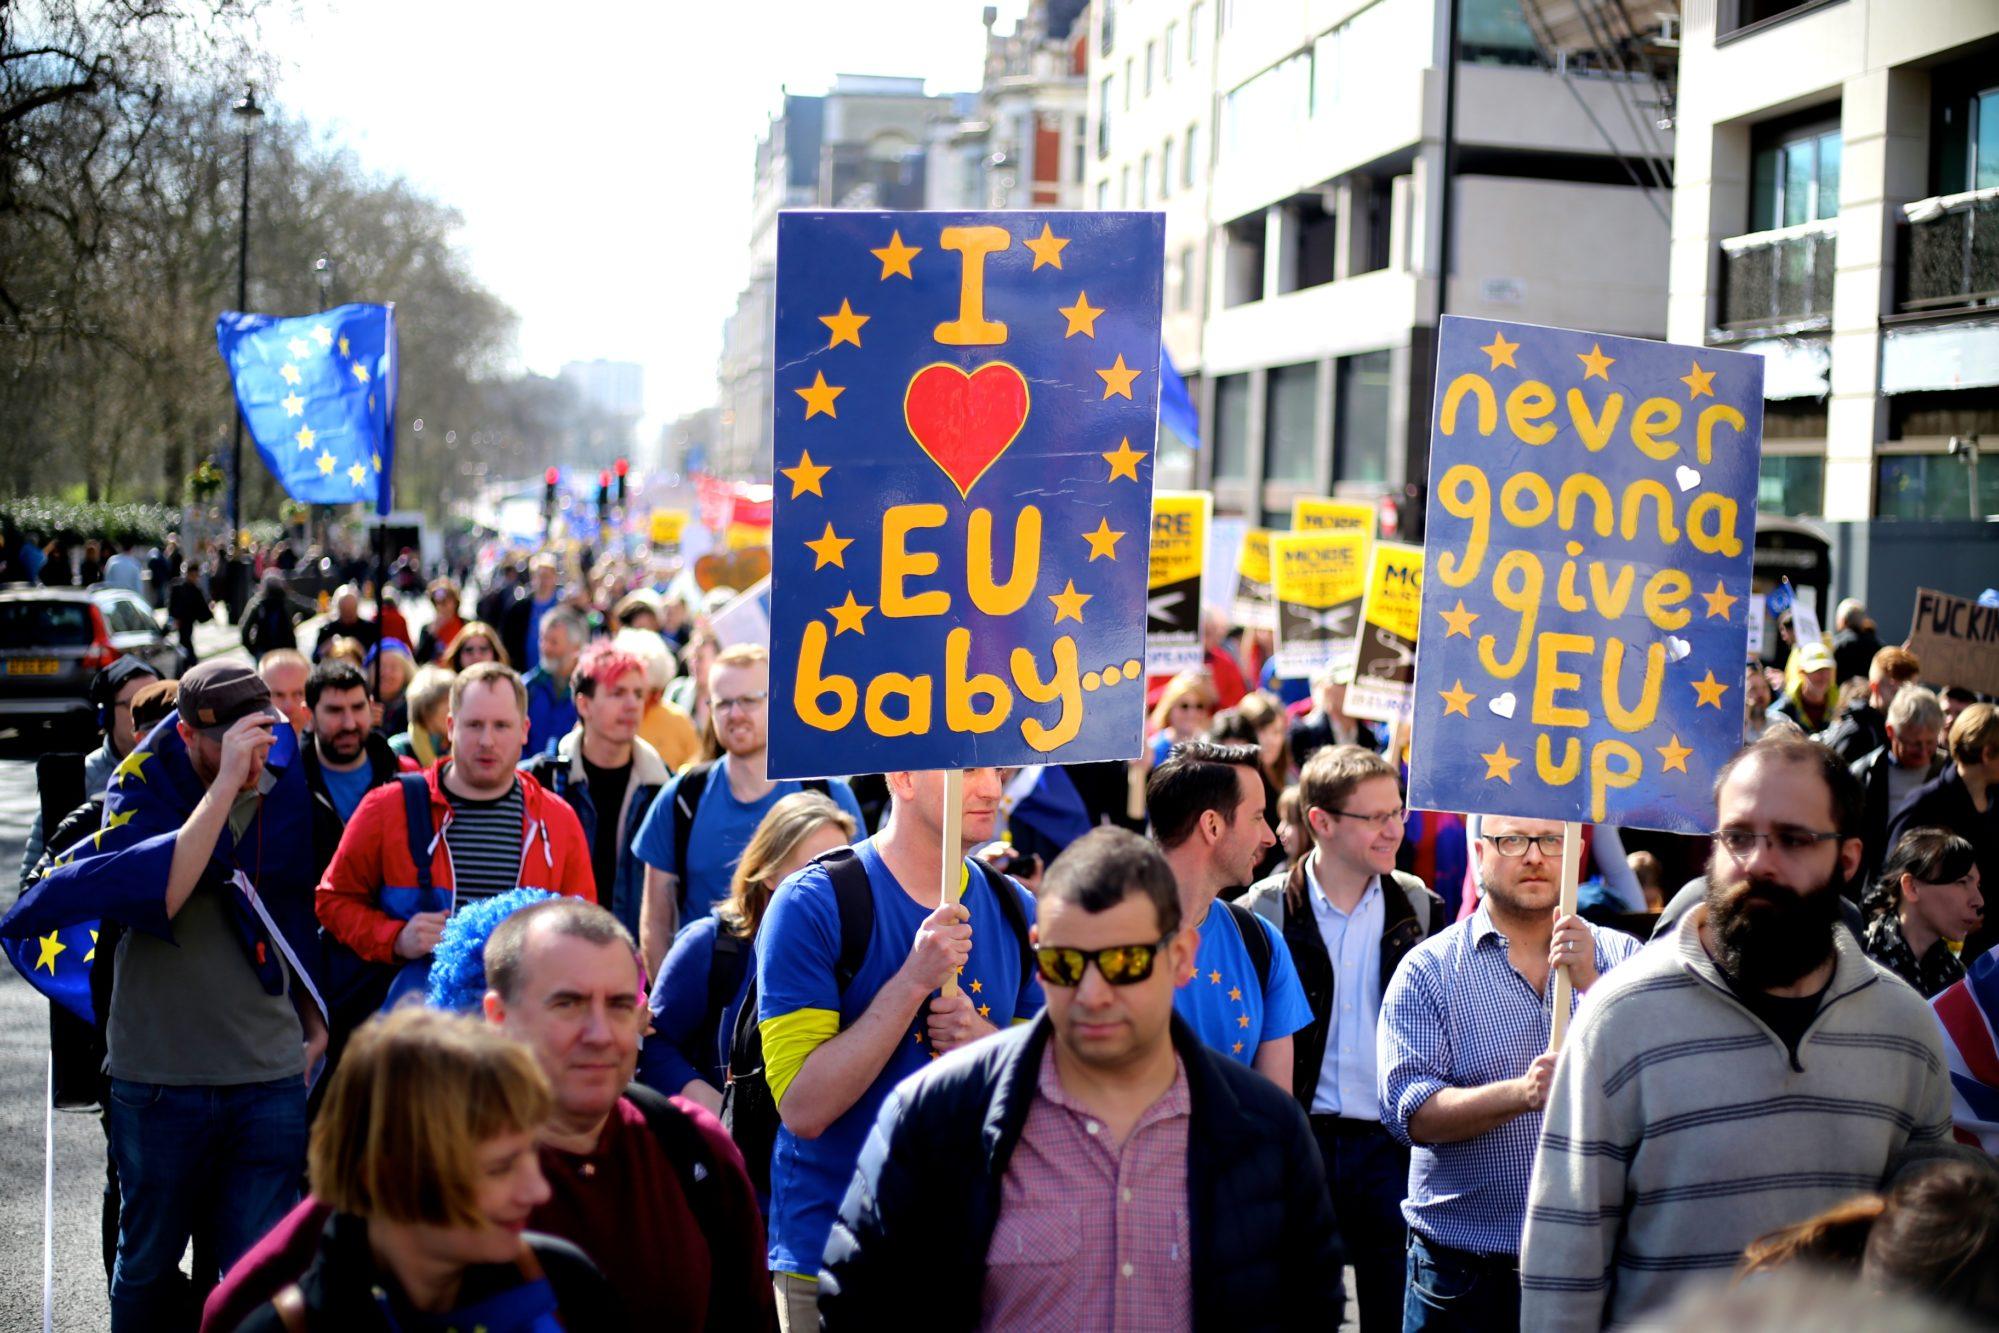 Manifestation pour l'Europe en Angleterre, dans le cadre du Brexit